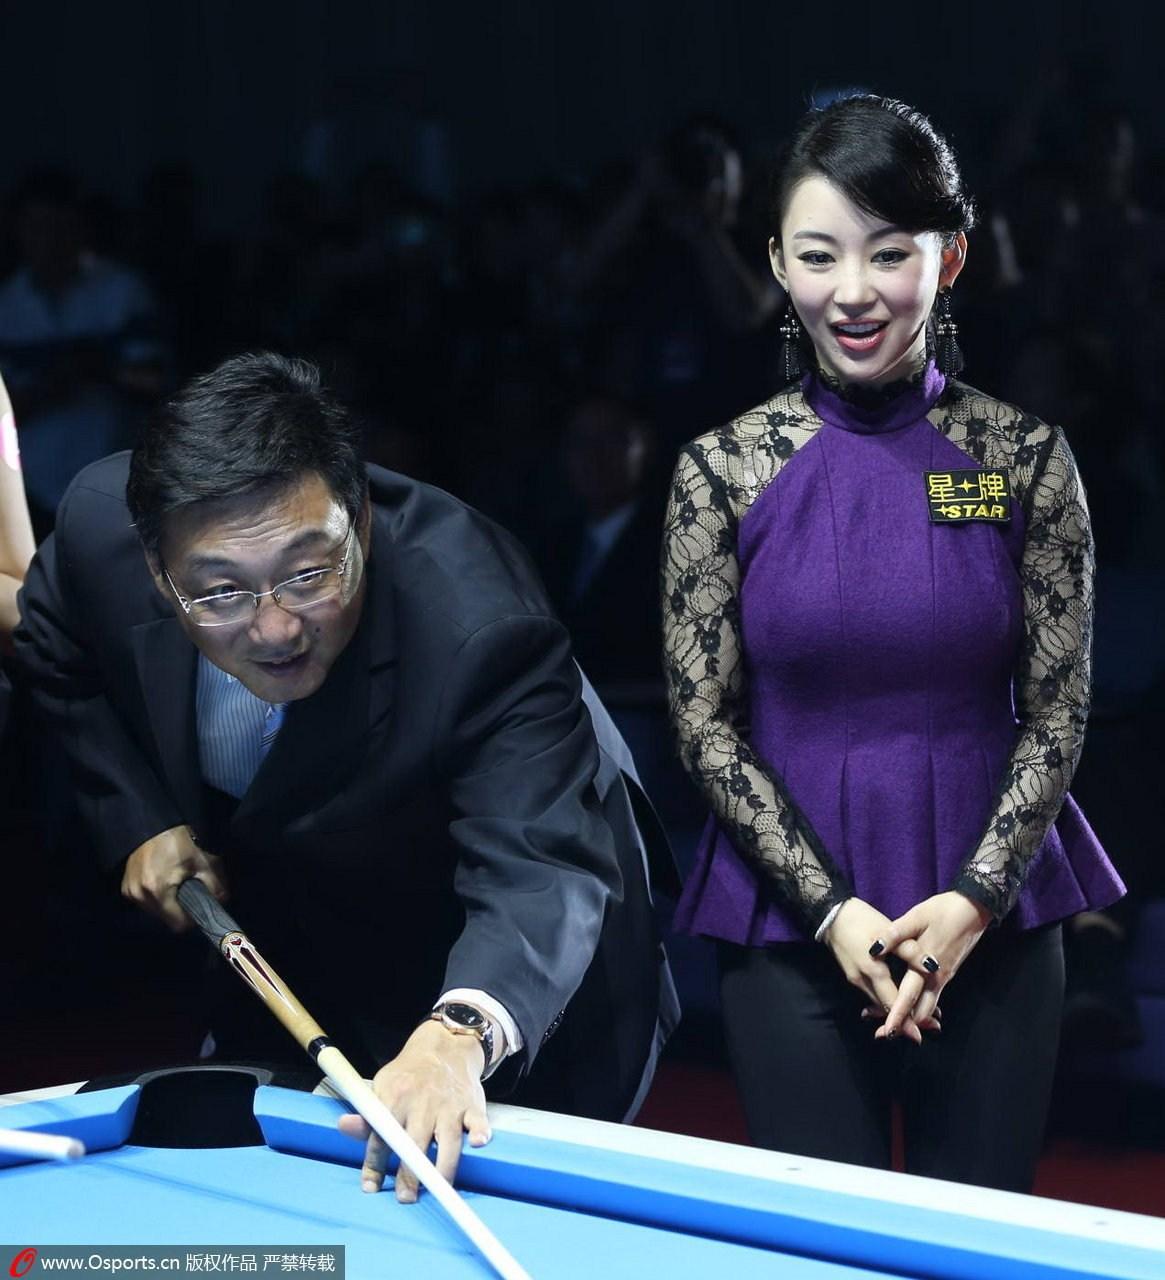 女子九球世锦赛媒体见面会:众美女选手出席潘晓婷